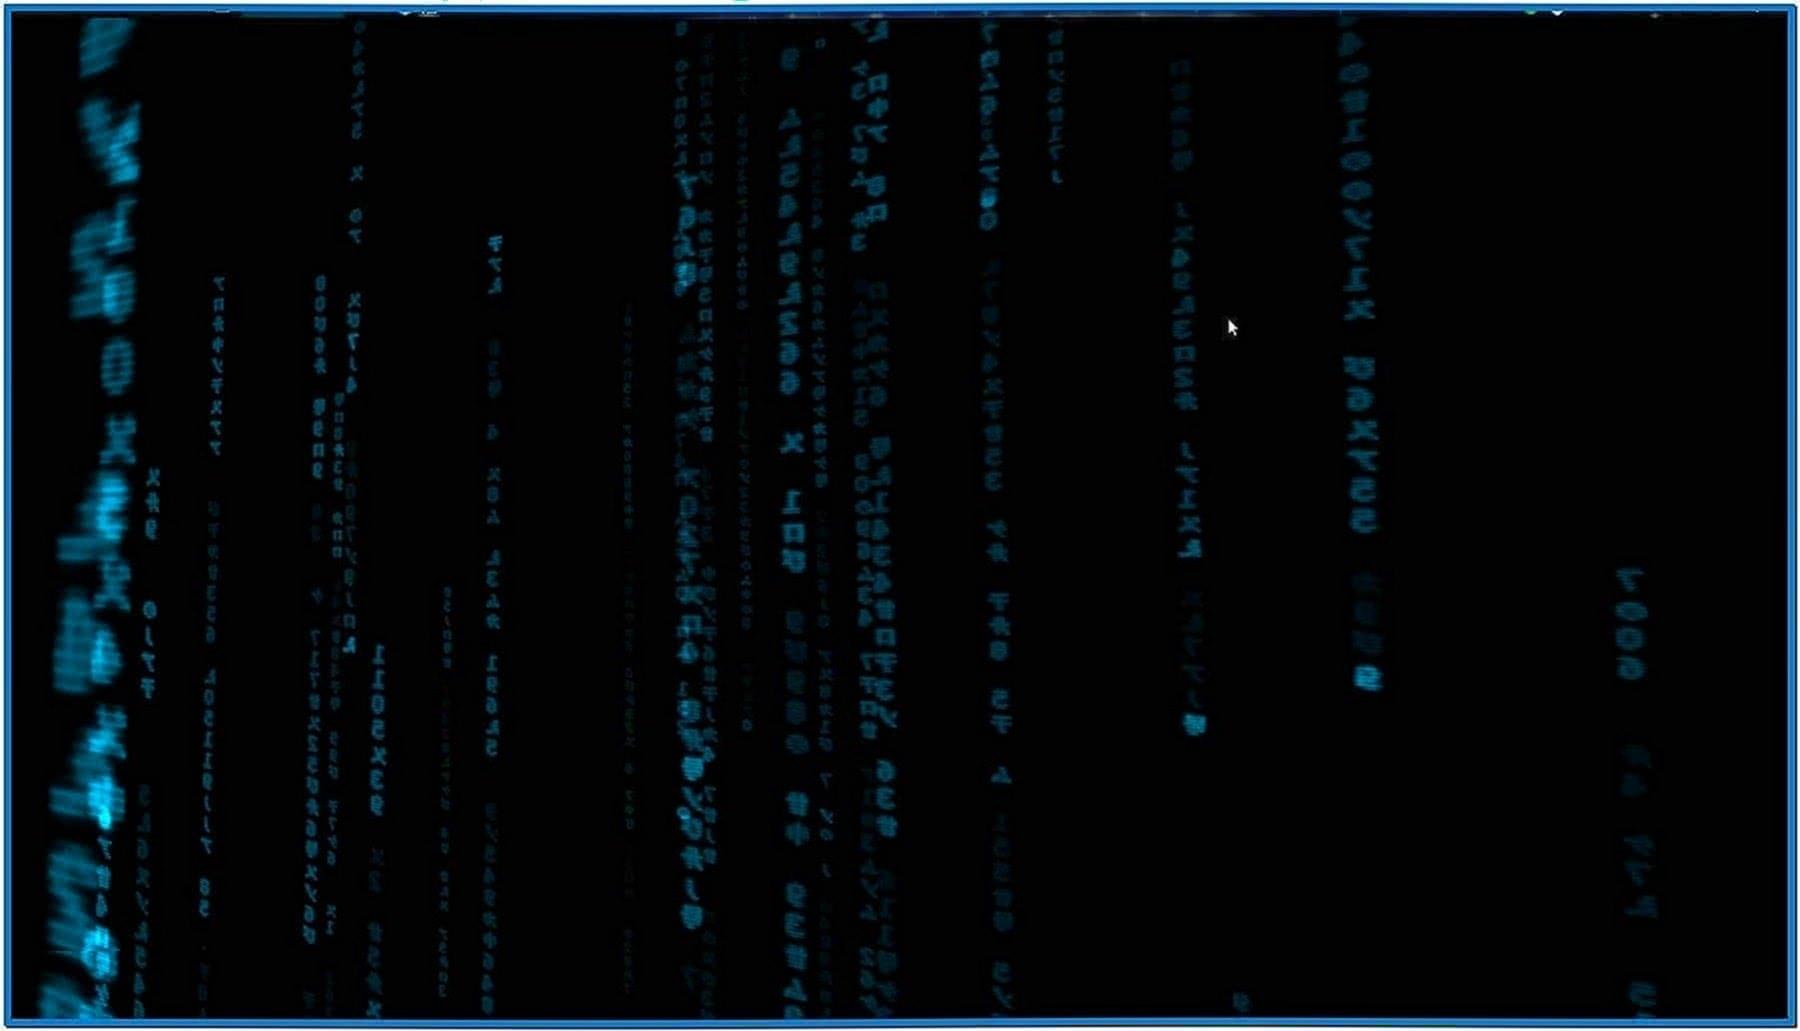 Matrix Screensaver Linux Mint